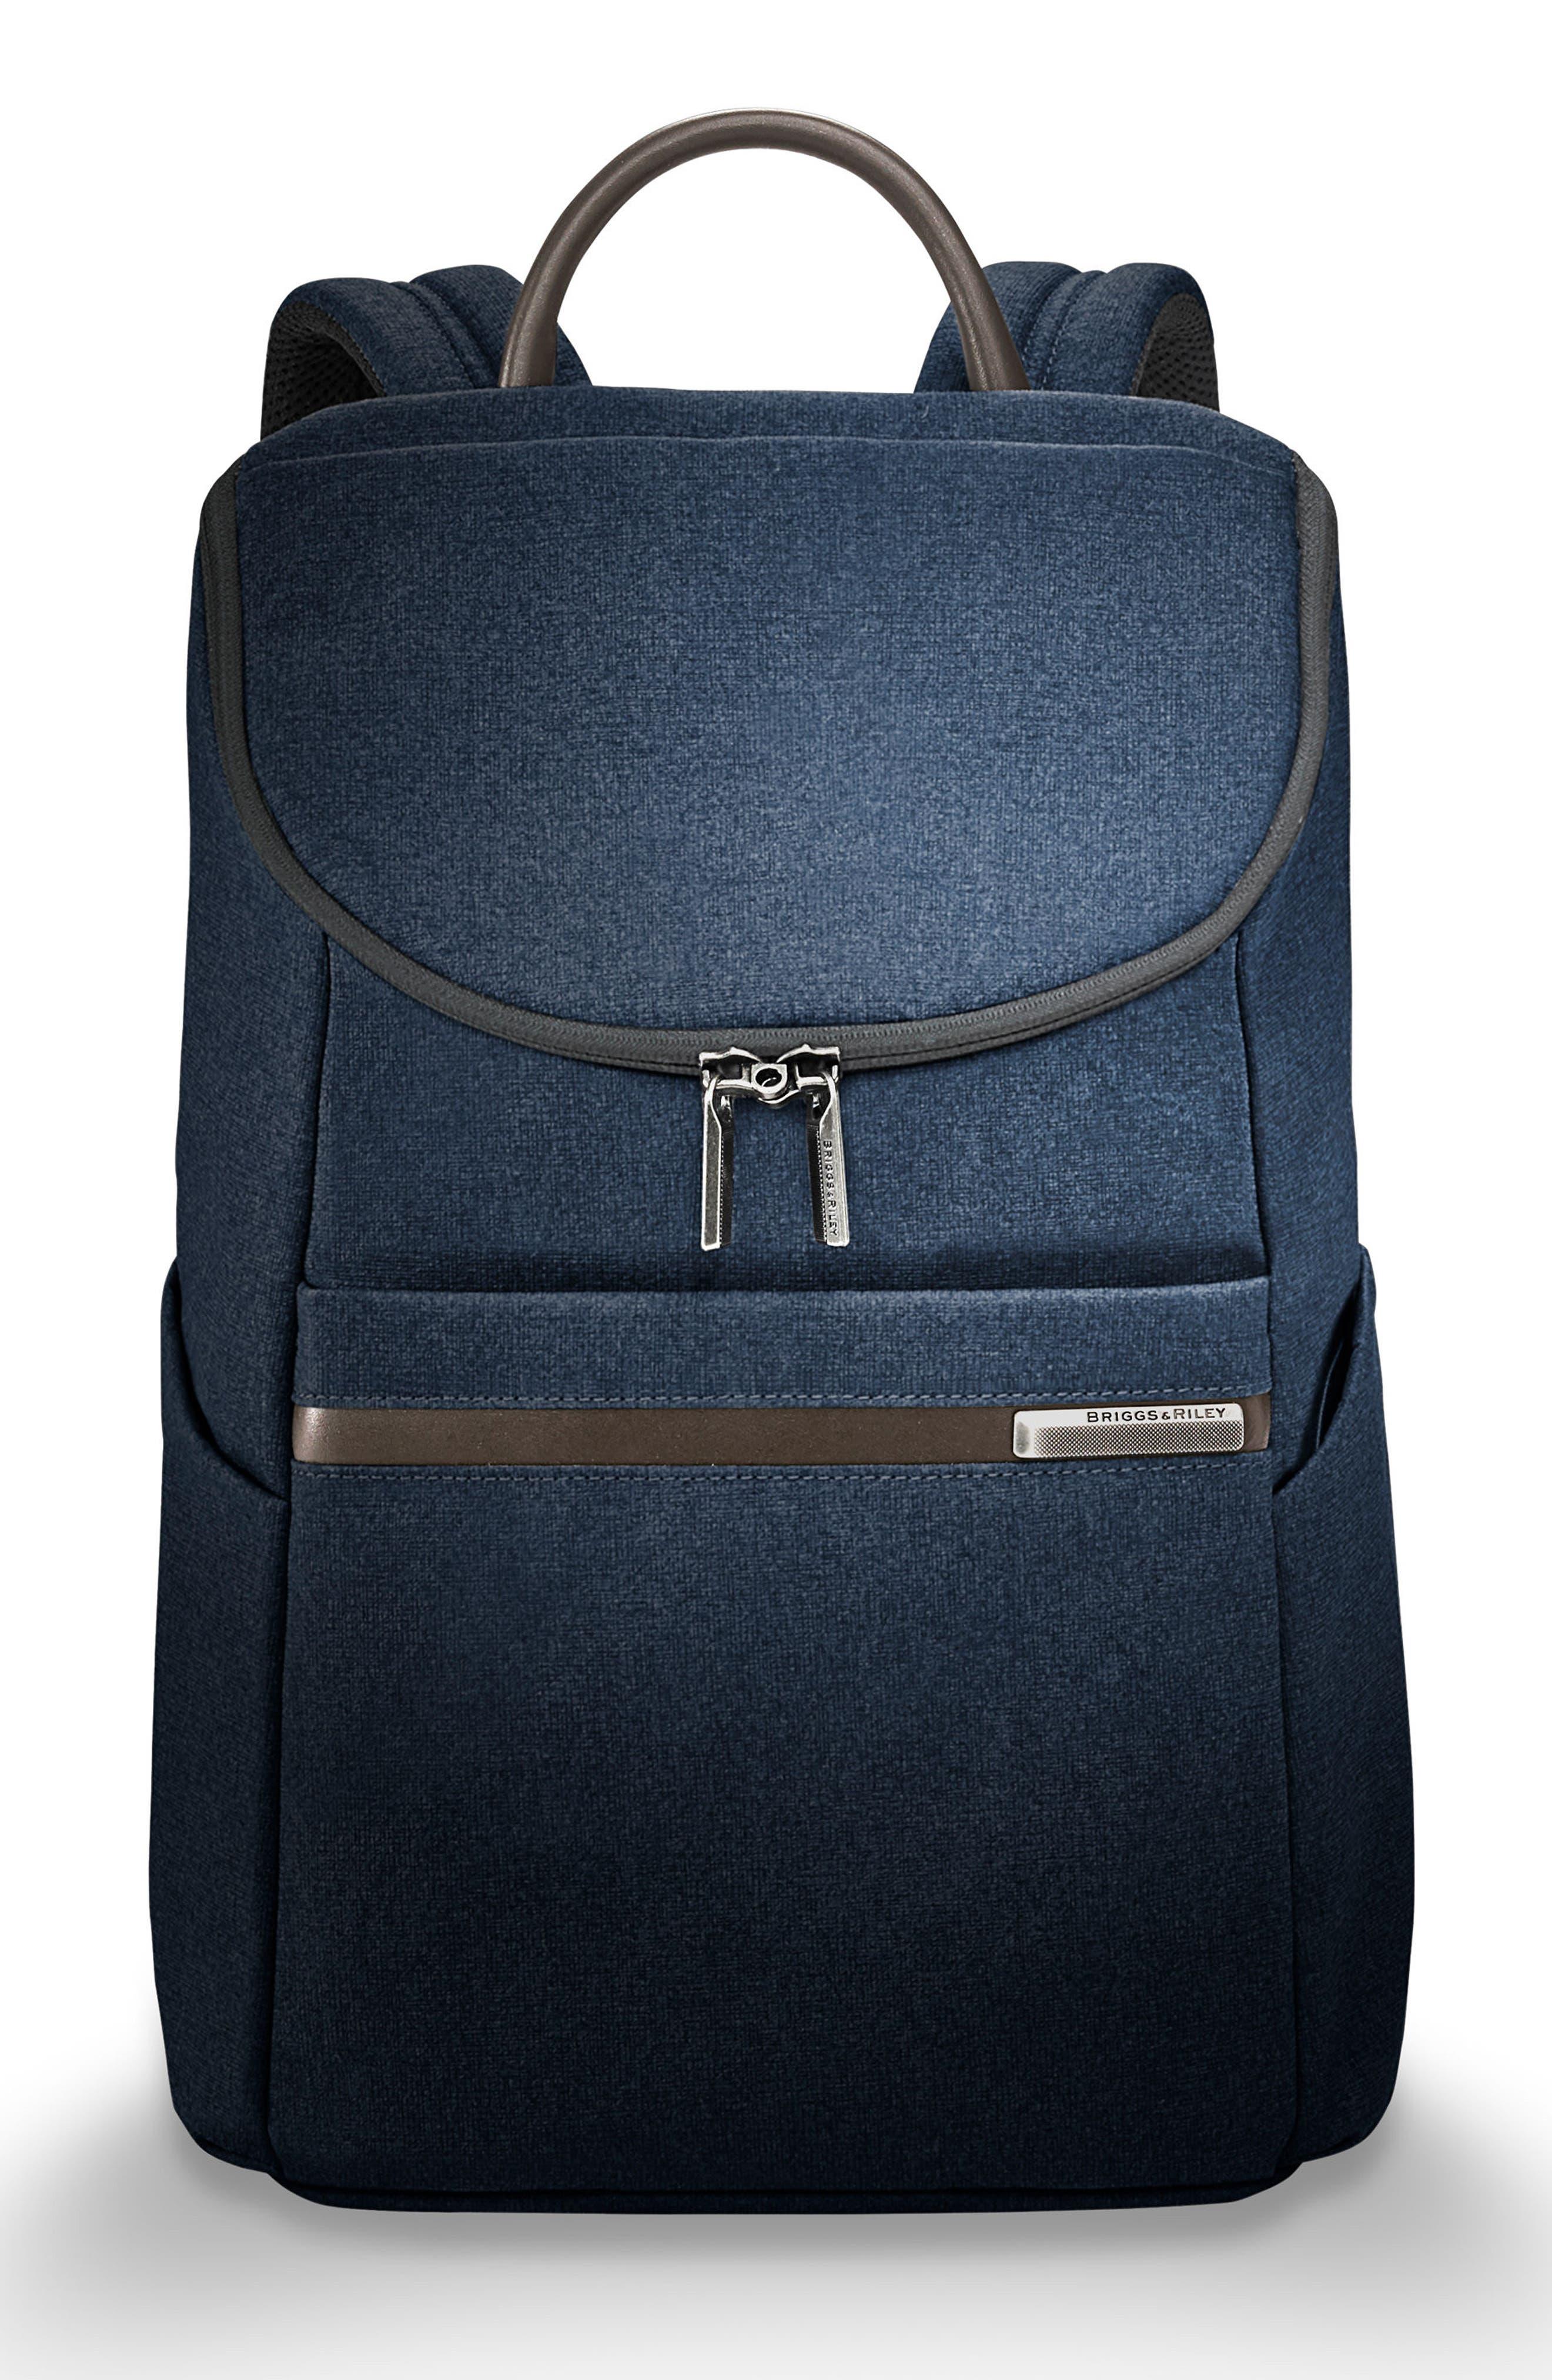 BRIGGS & RILEY Kinzie Street Backpack